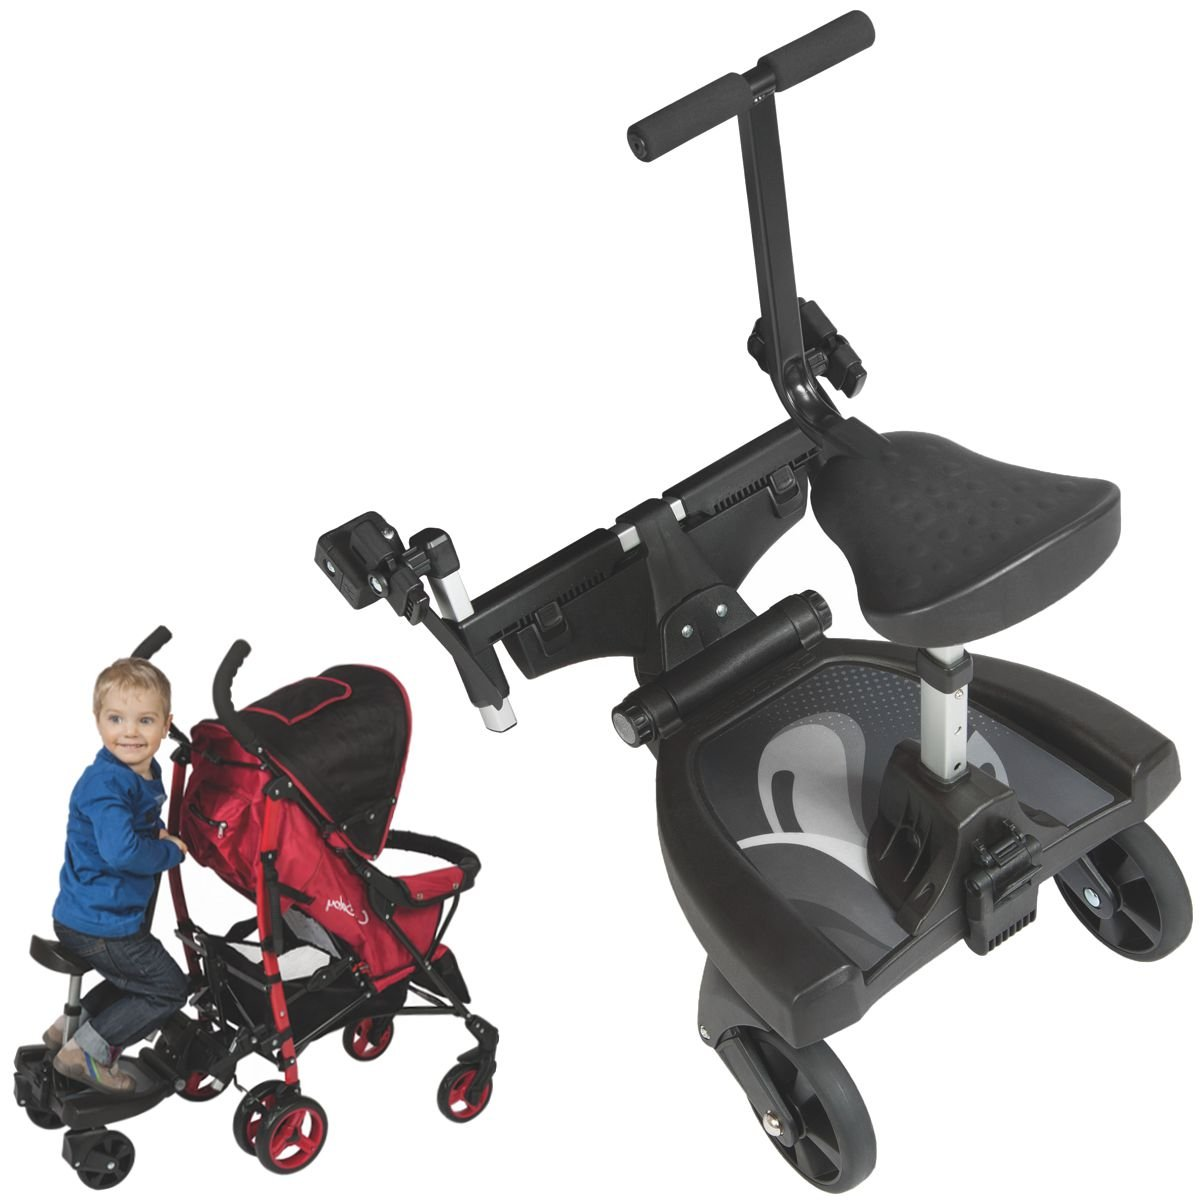 Buggyboard Trittbrett Mitfahrbrett Rollbrett + Zusatzsitz (Erweiterung) für Kinderwagen Buggy Jogger bis 20 Kg Stimo24